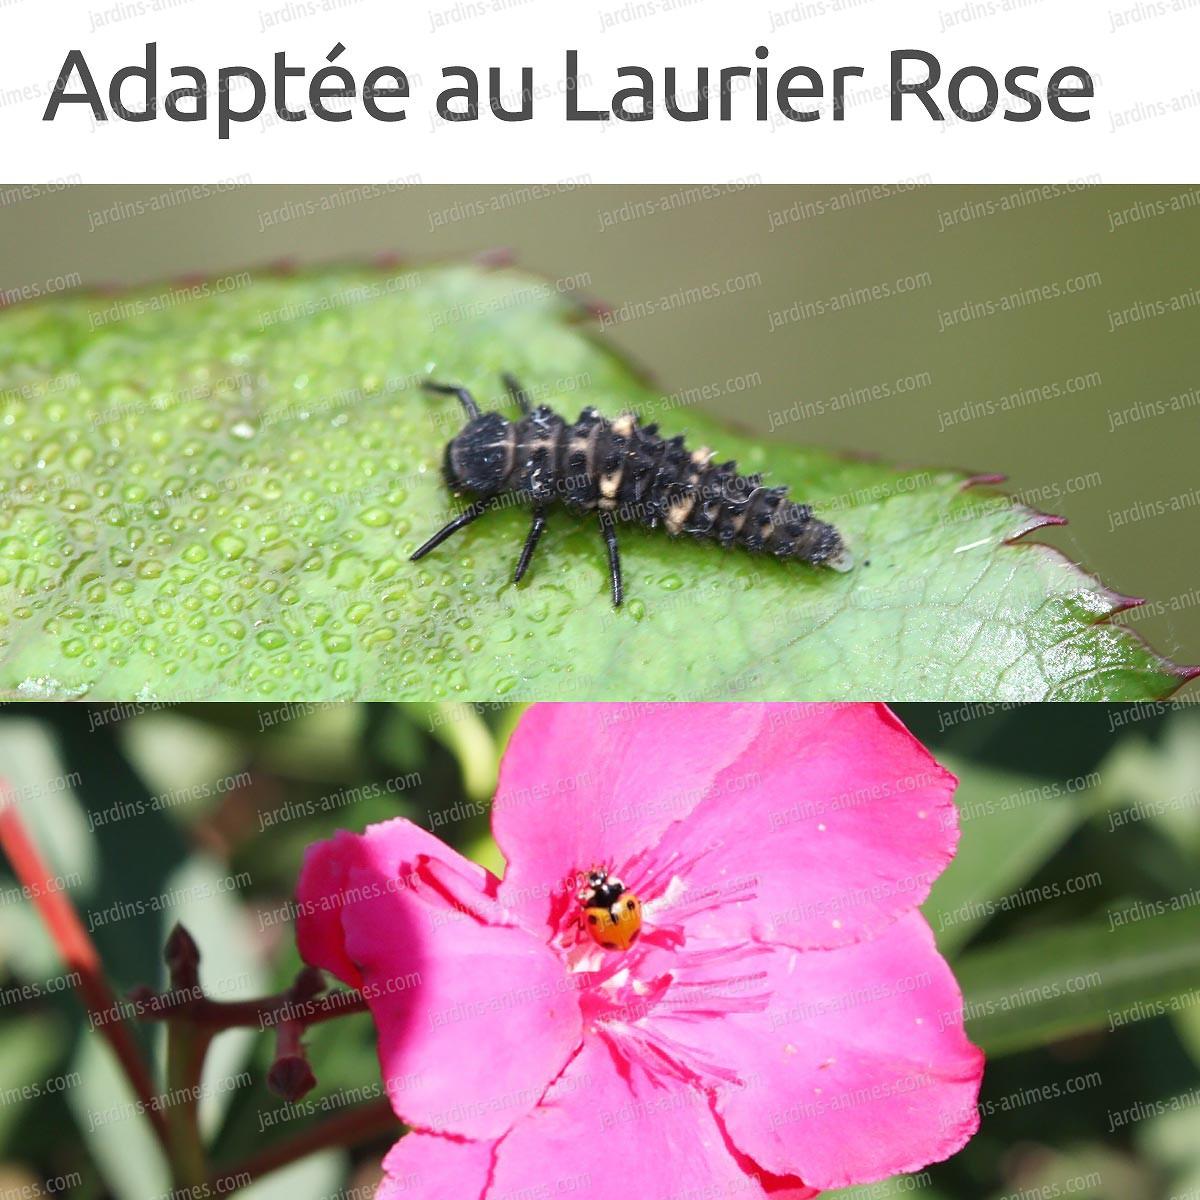 Special laurier rose 50 larves de coccinelle coccilaure anti pucerons cochenille bio - Larve de coccinelle ...